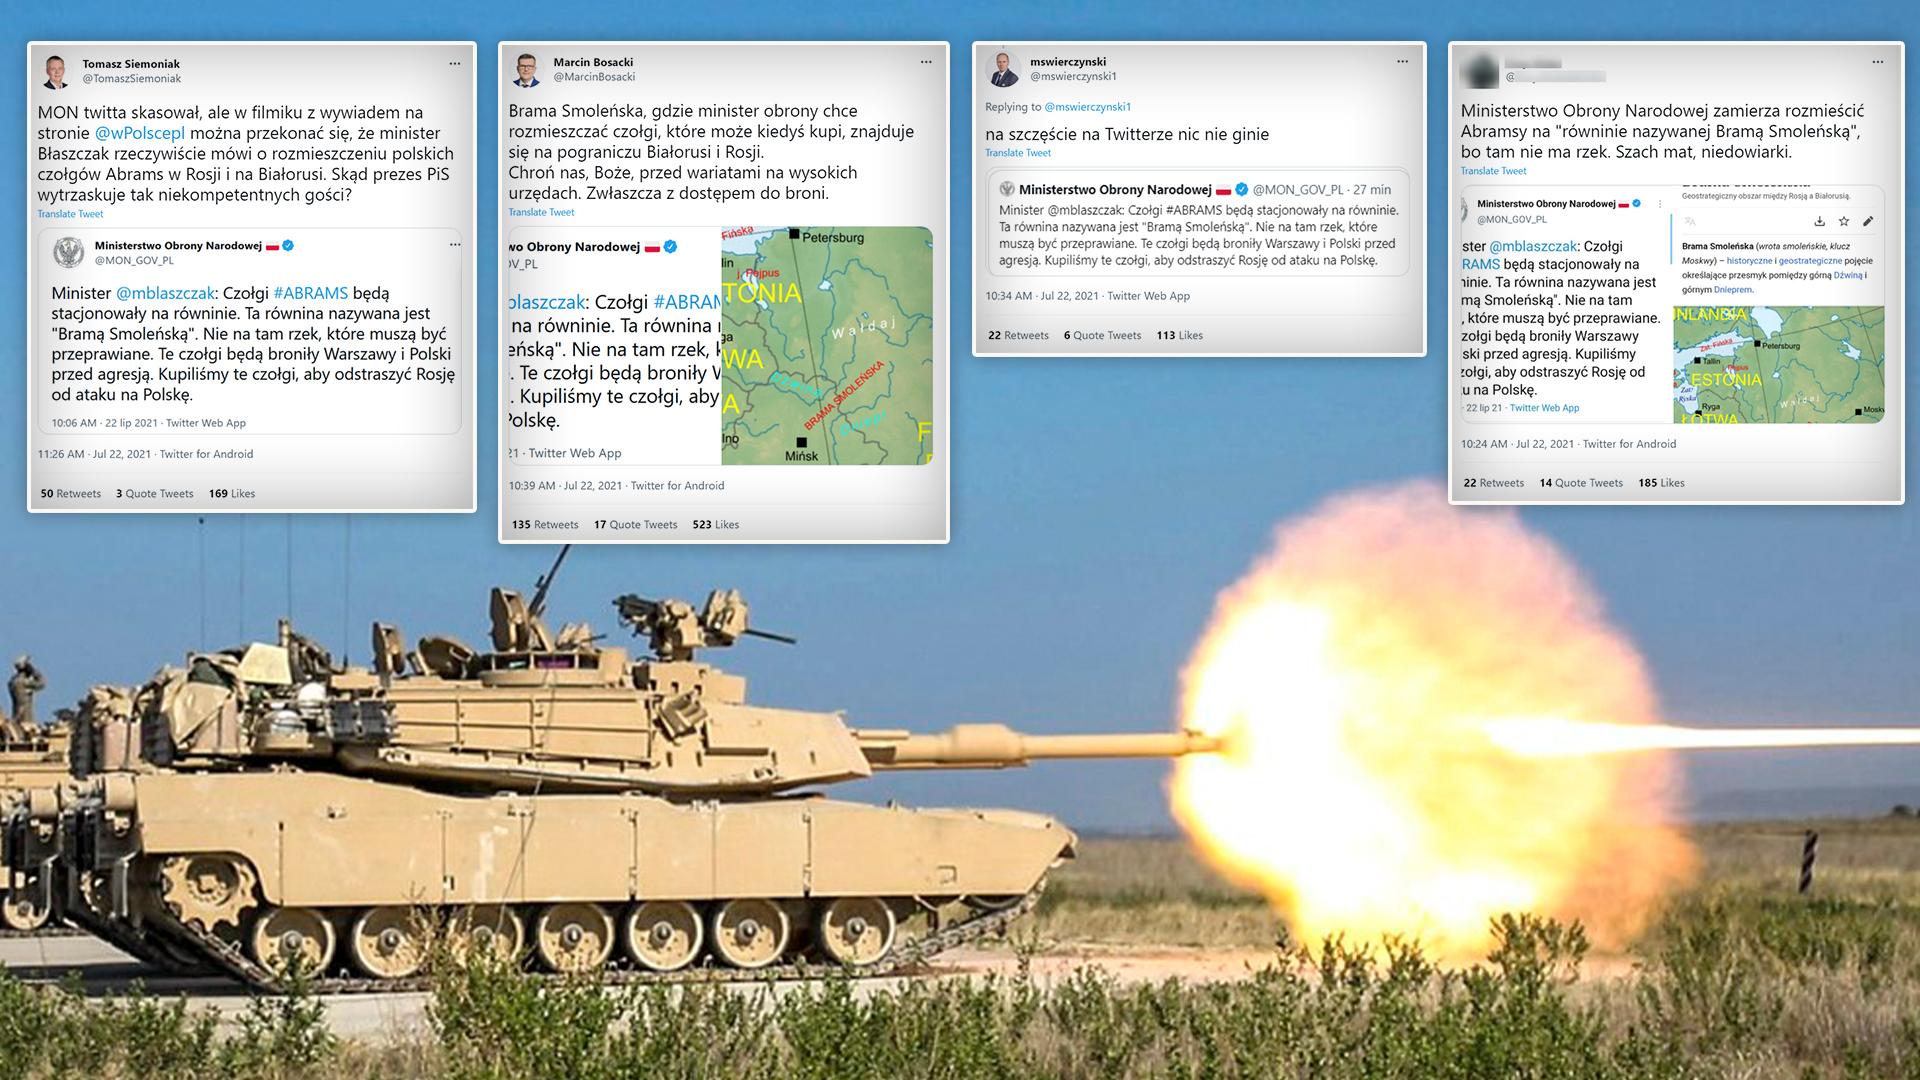 """Wpis o stacjonowaniu polskich czołgów """"na równinie zwanej Bramą Smoleńską"""" był szeroko komentowany w sieci"""